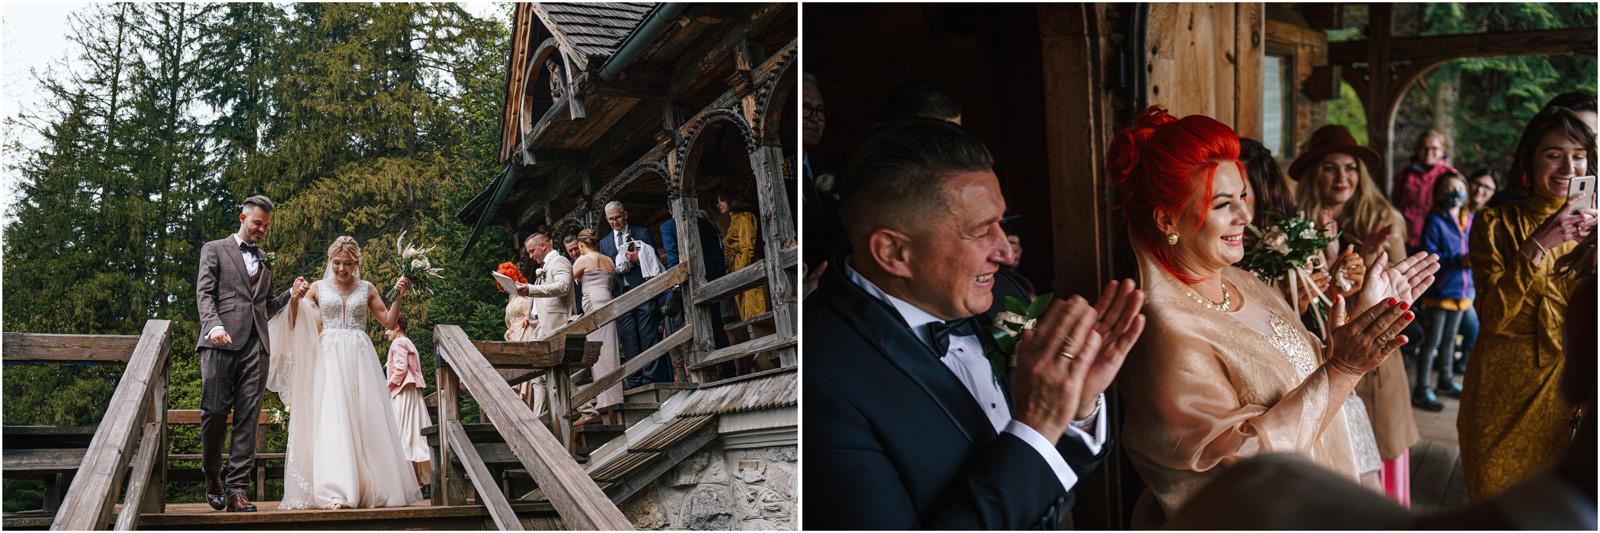 Amanda & Błażej | ślub i sesja w górach 41